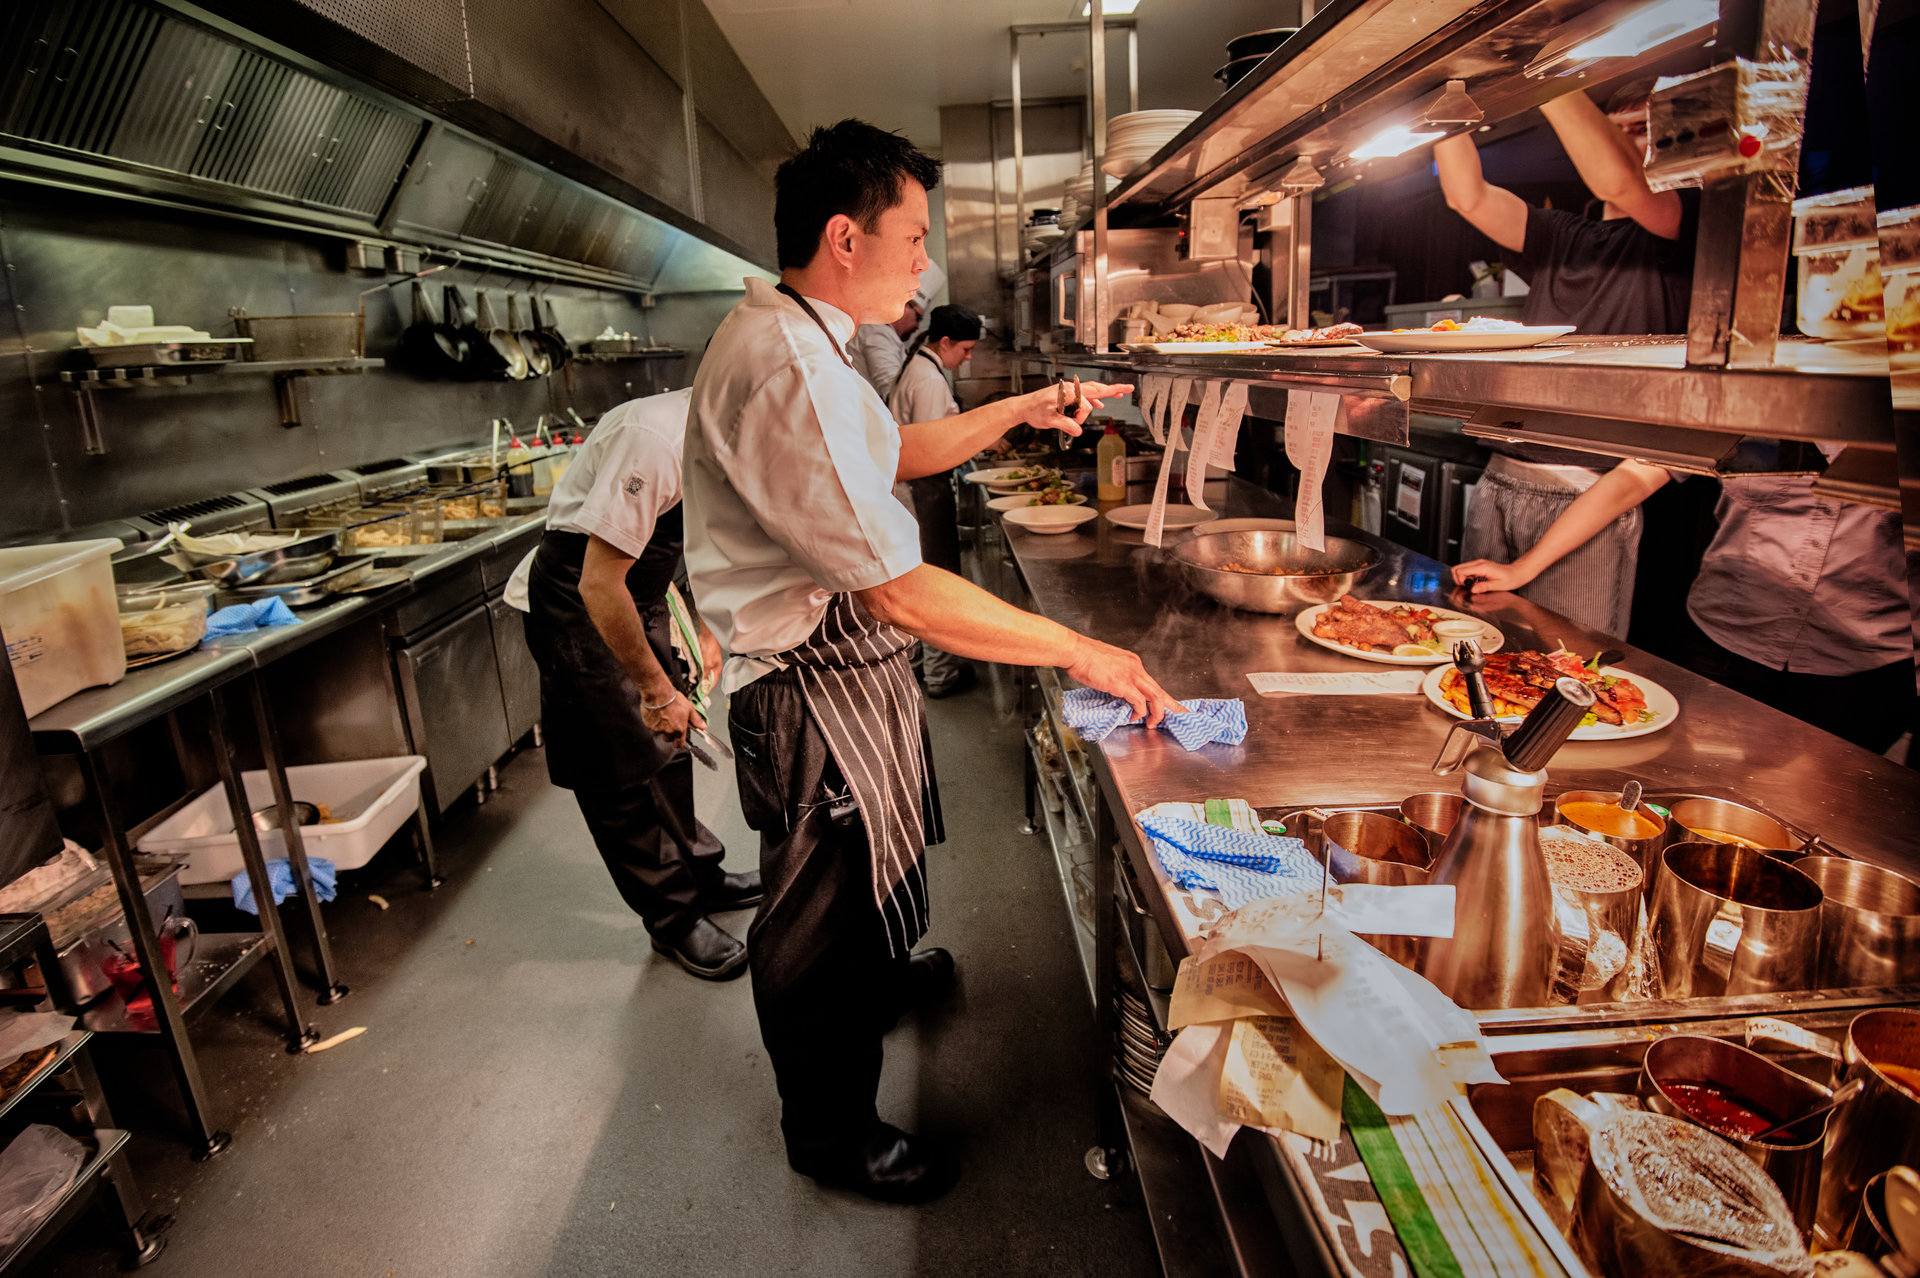 """Największe kuchnie… od kuchni. Zobaczcie, jakie """"Kulinarne wyzwania"""" czekają na szefów największych firm gastronomicznych"""